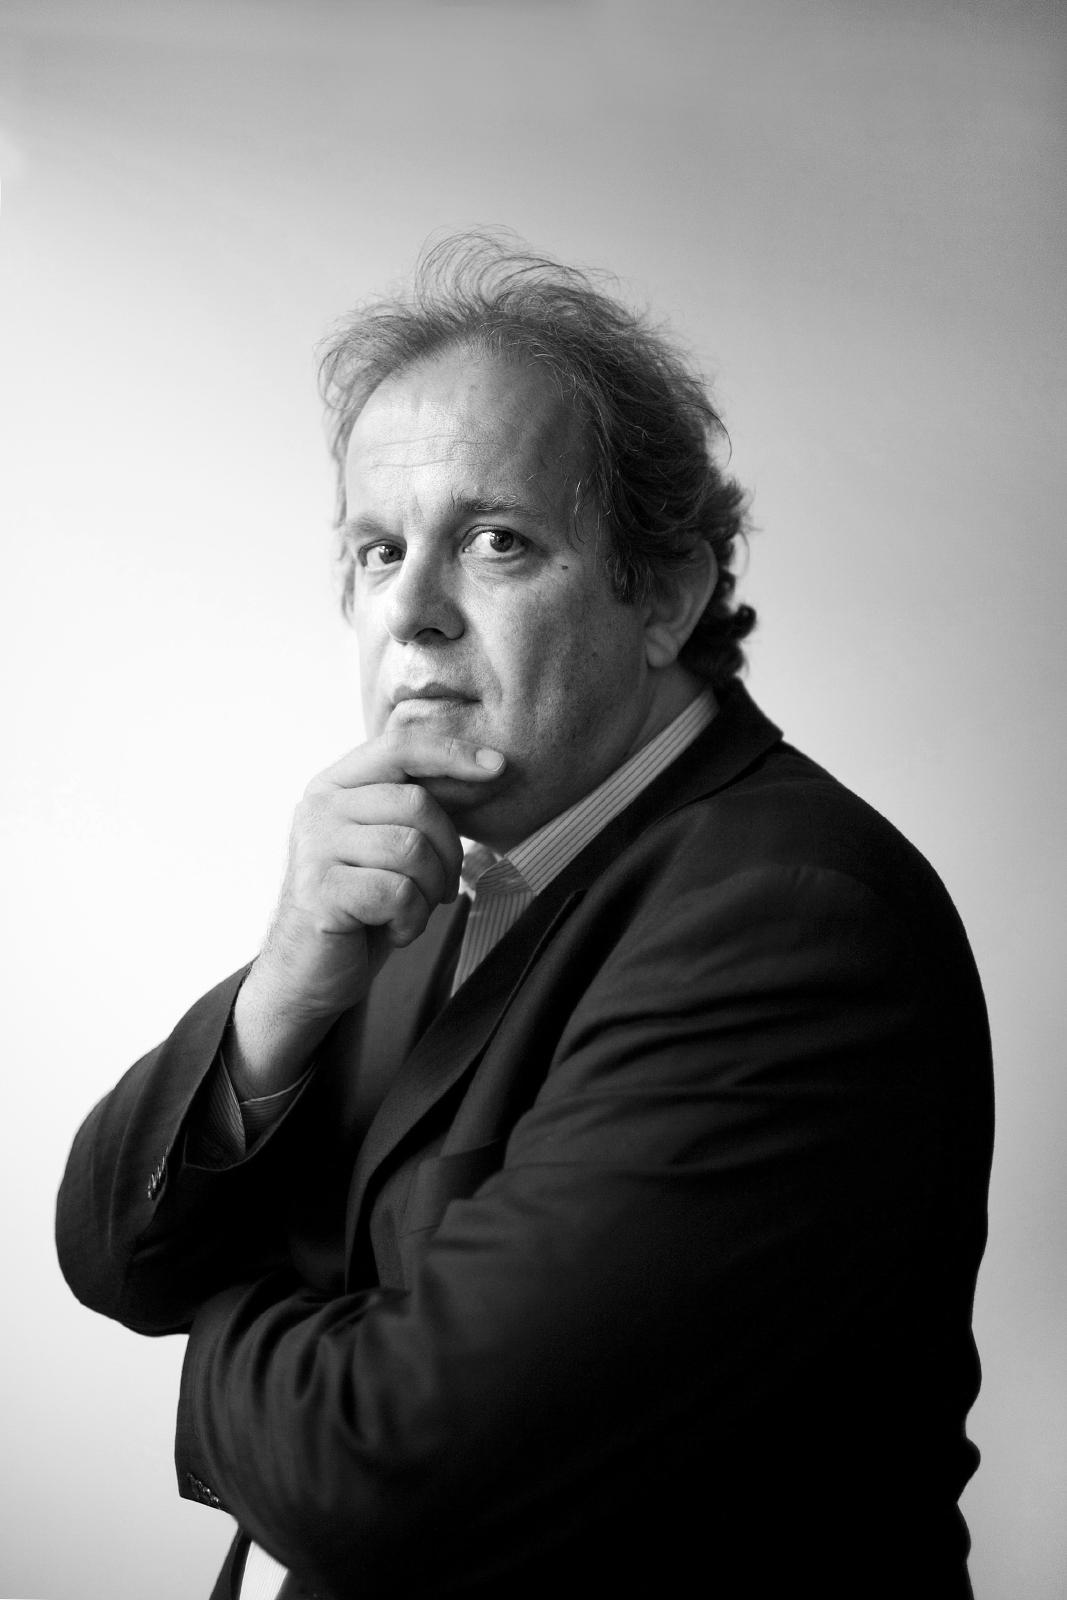 Michael Zeeman